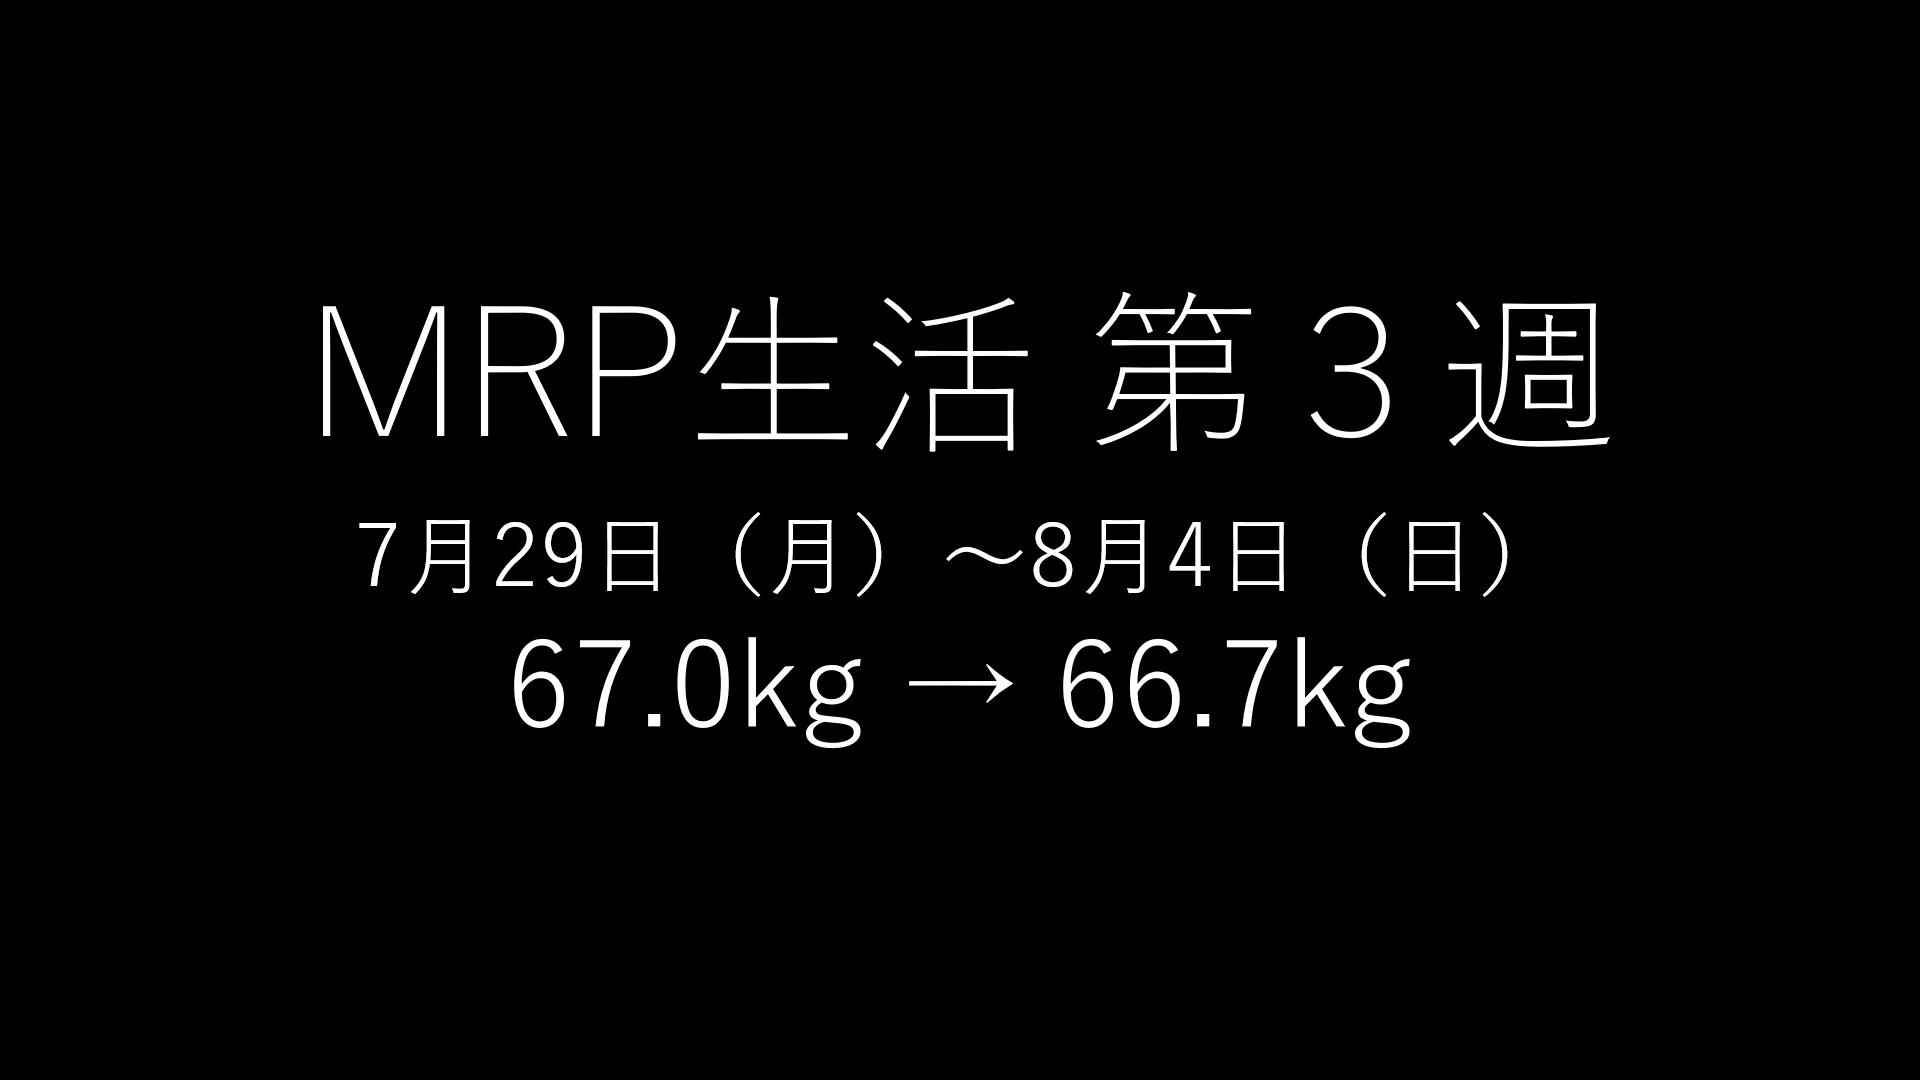 「基本的にMRPだけで生きてみる」第3回のアイキャッチ画像